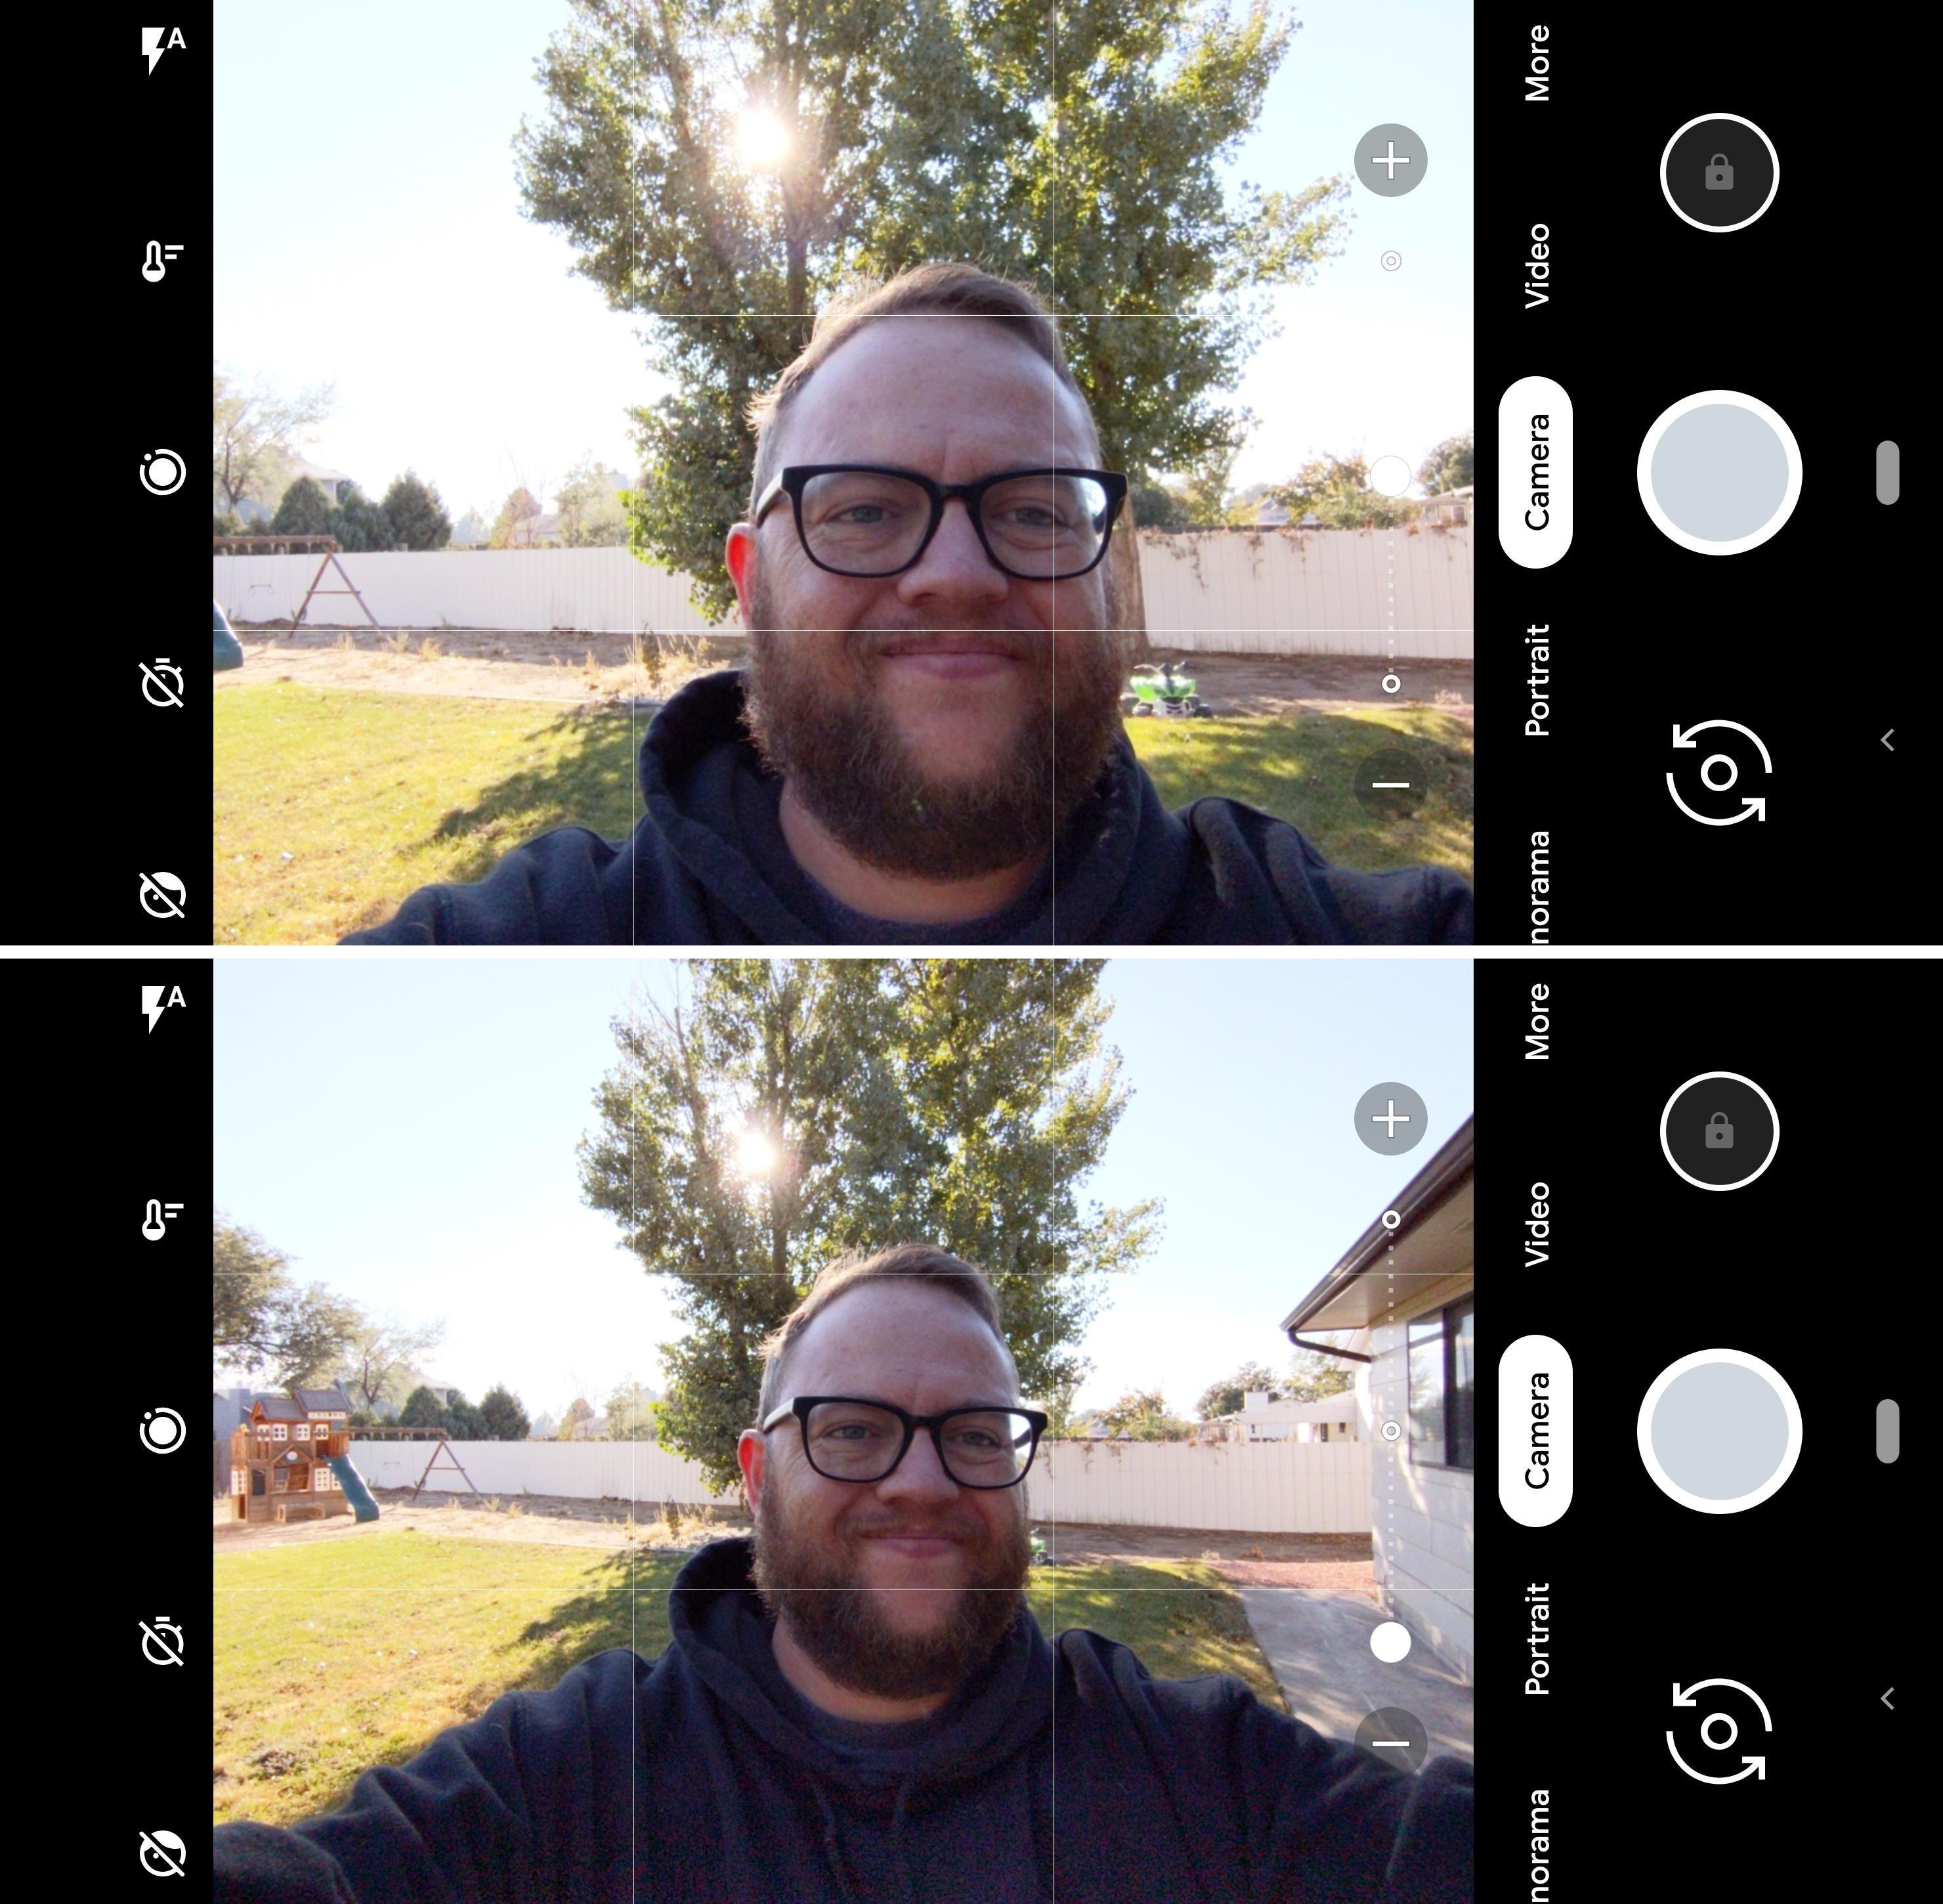 pixel-3-grupo-selfie